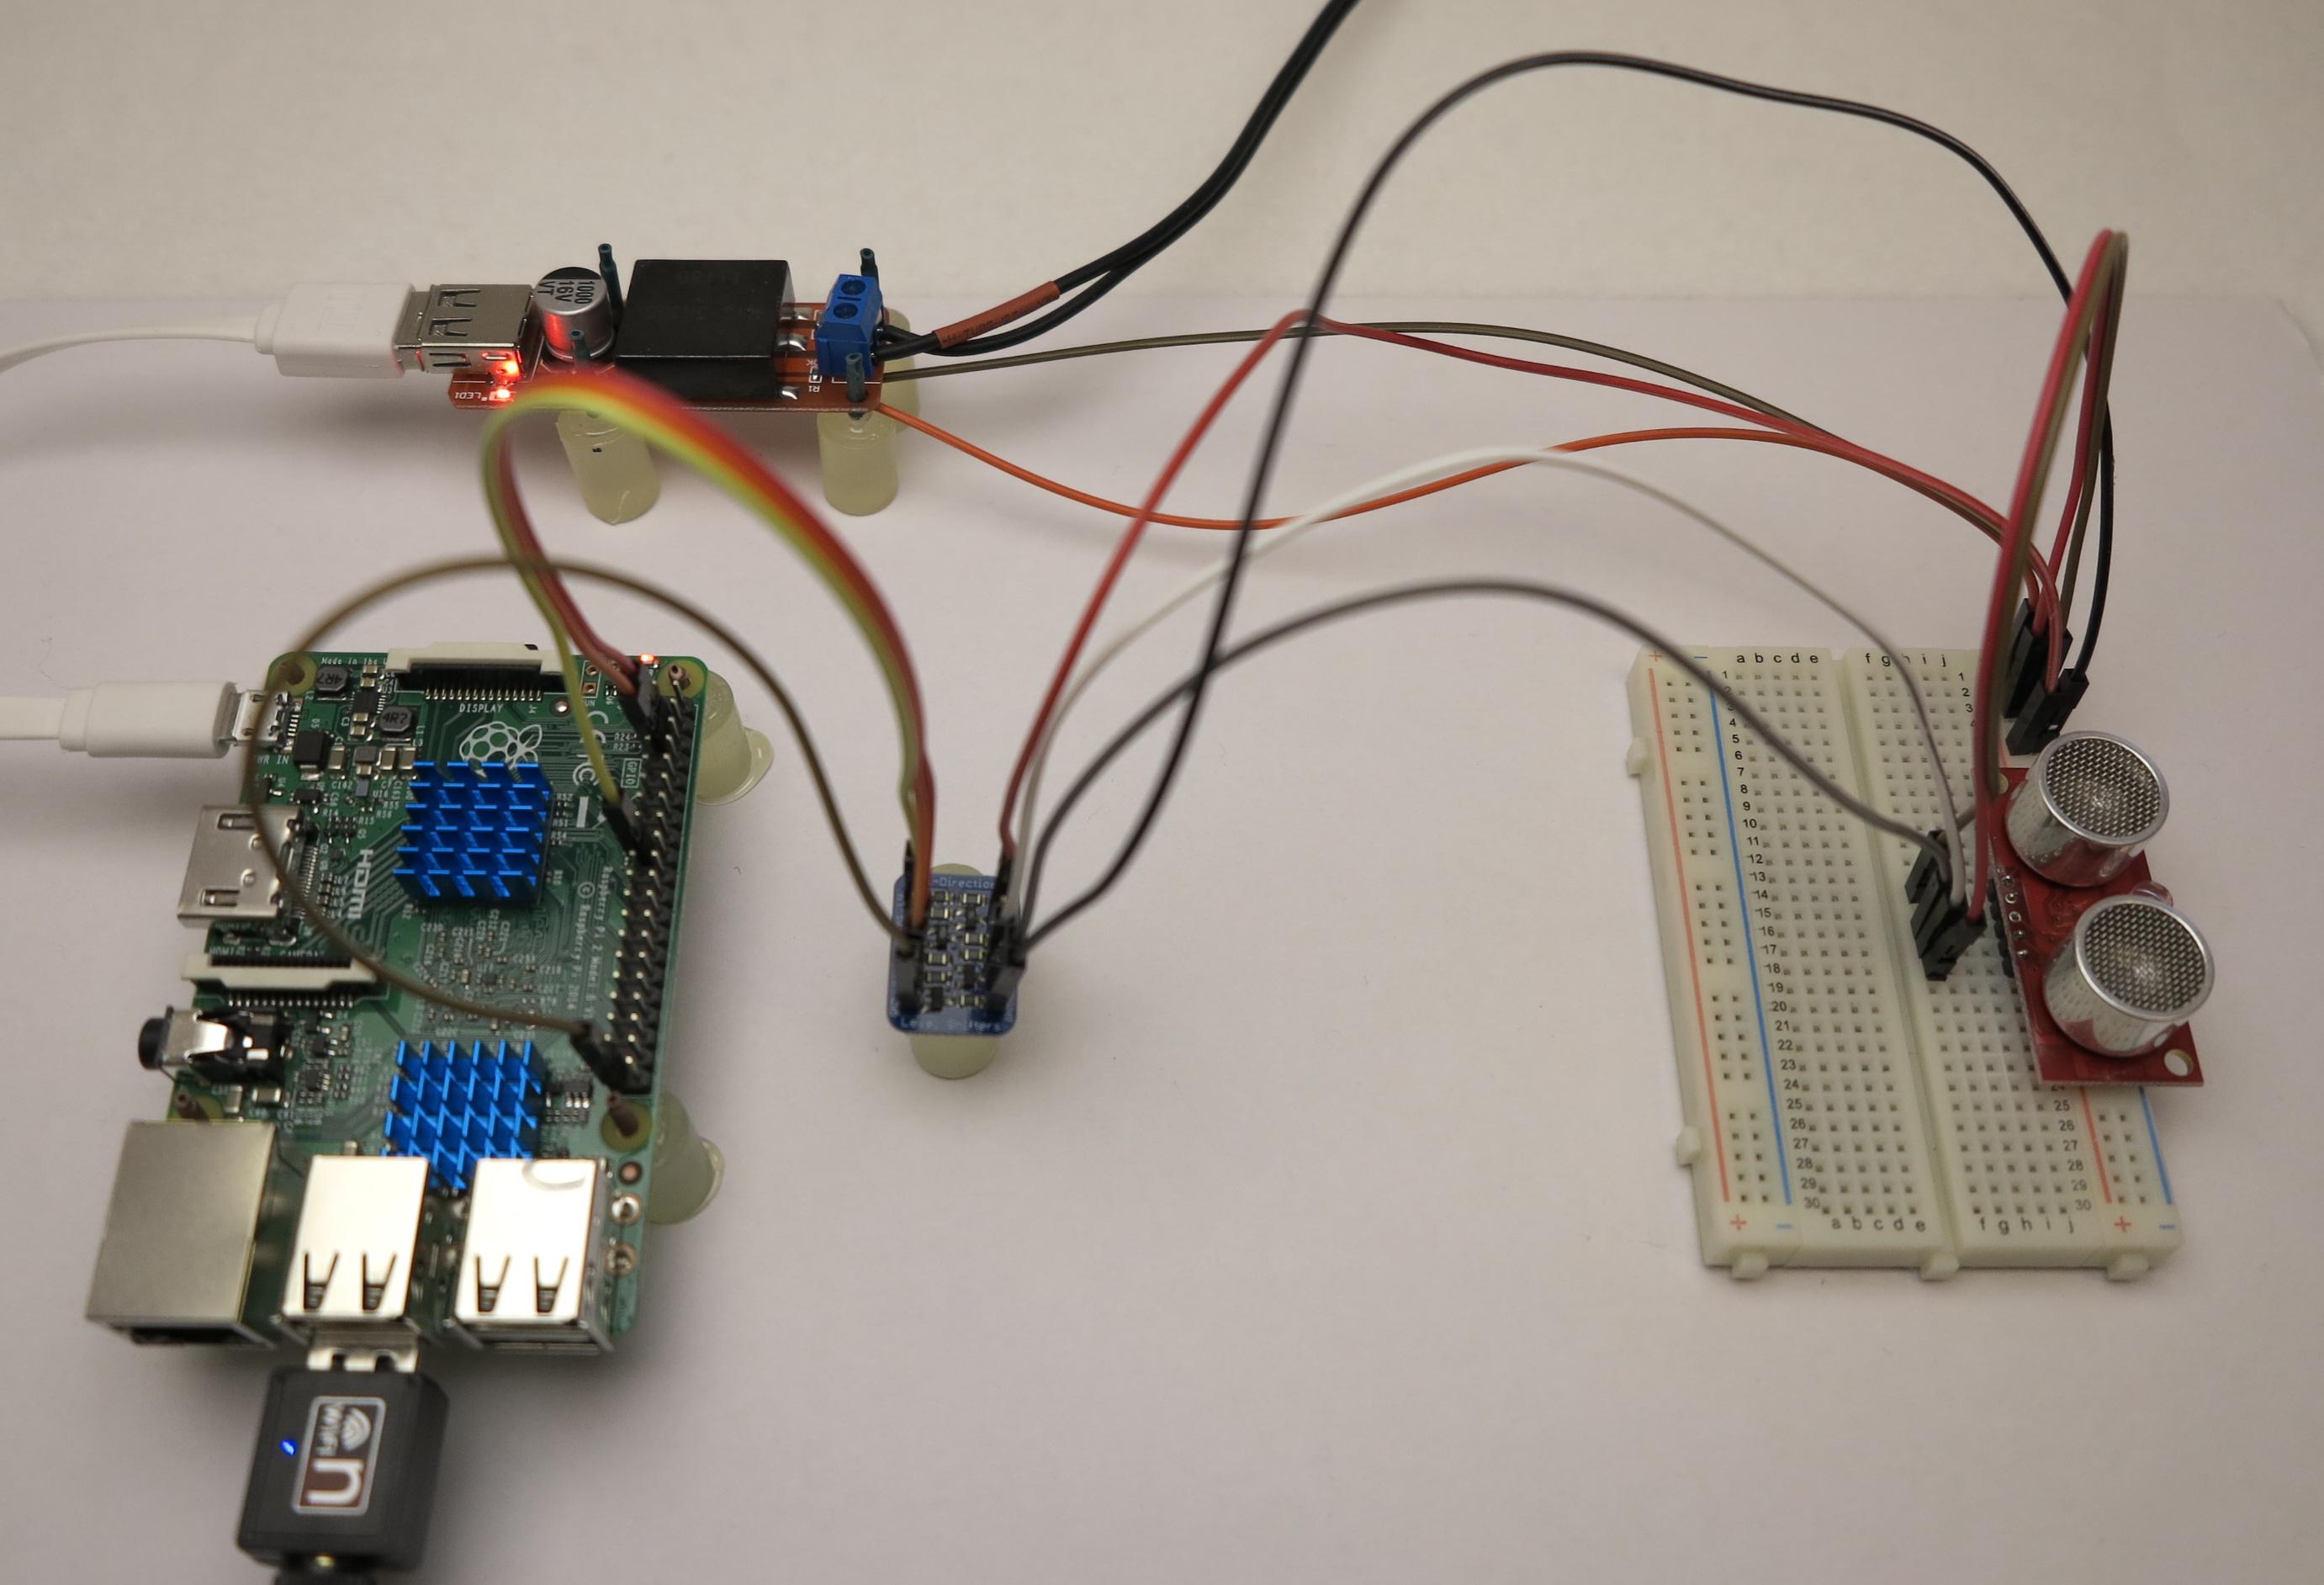 Ultraschall Entfernungsmesser I2c : Raspberry pi und der srf ultraschallsensor mit i c bus zur